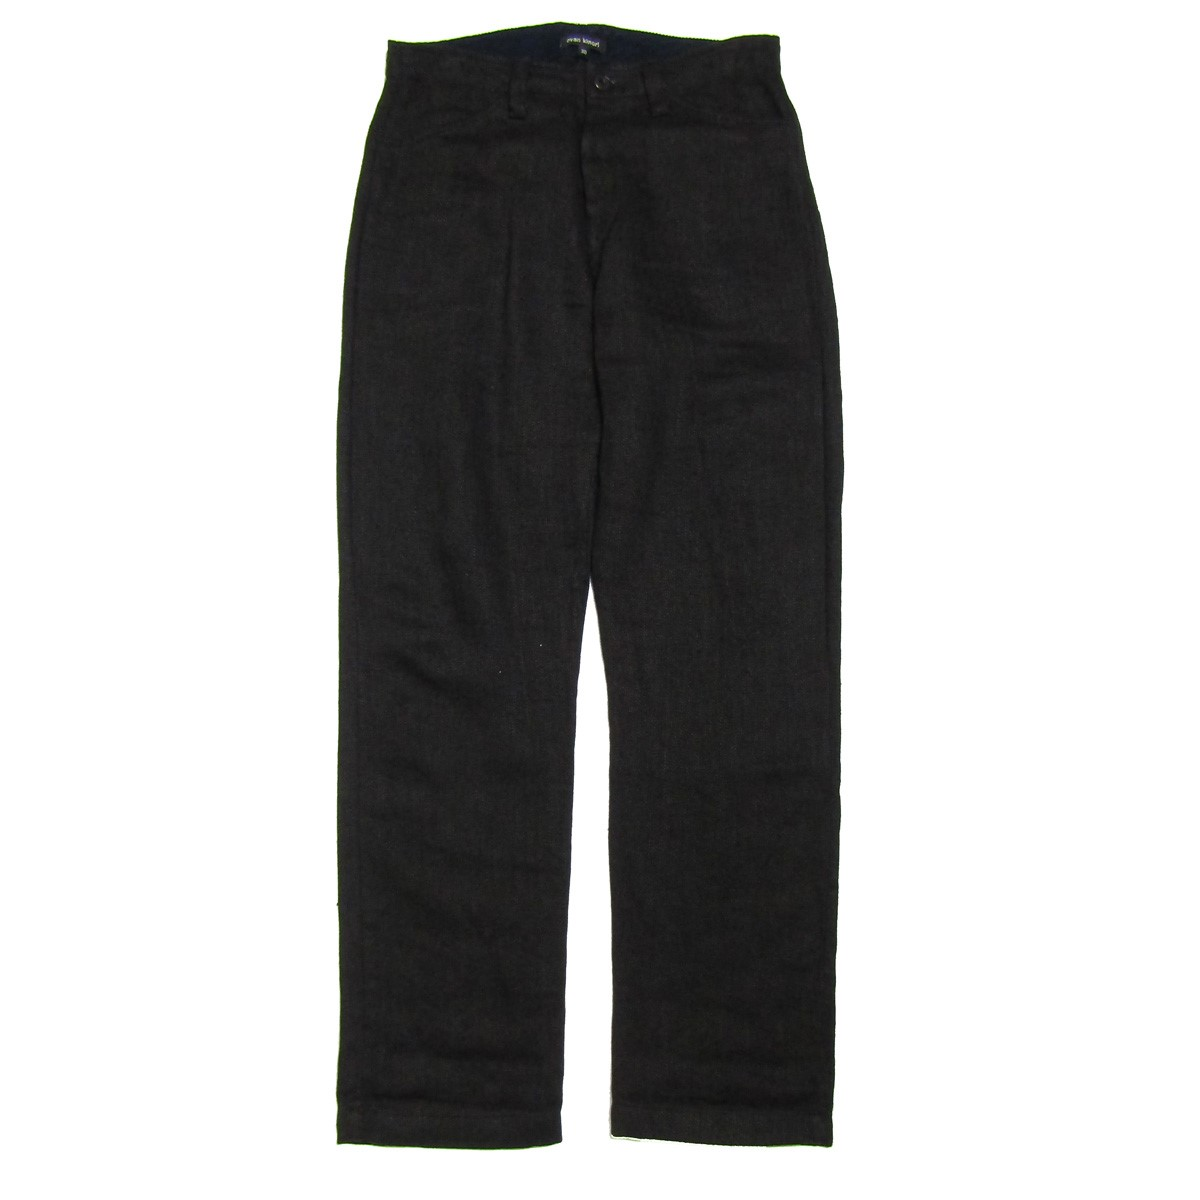 【中古】evan kinori Four Pocket Pant-Linen/リネンパンツ ブラック サイズ:30 【070820】(エヴァンキノリ)